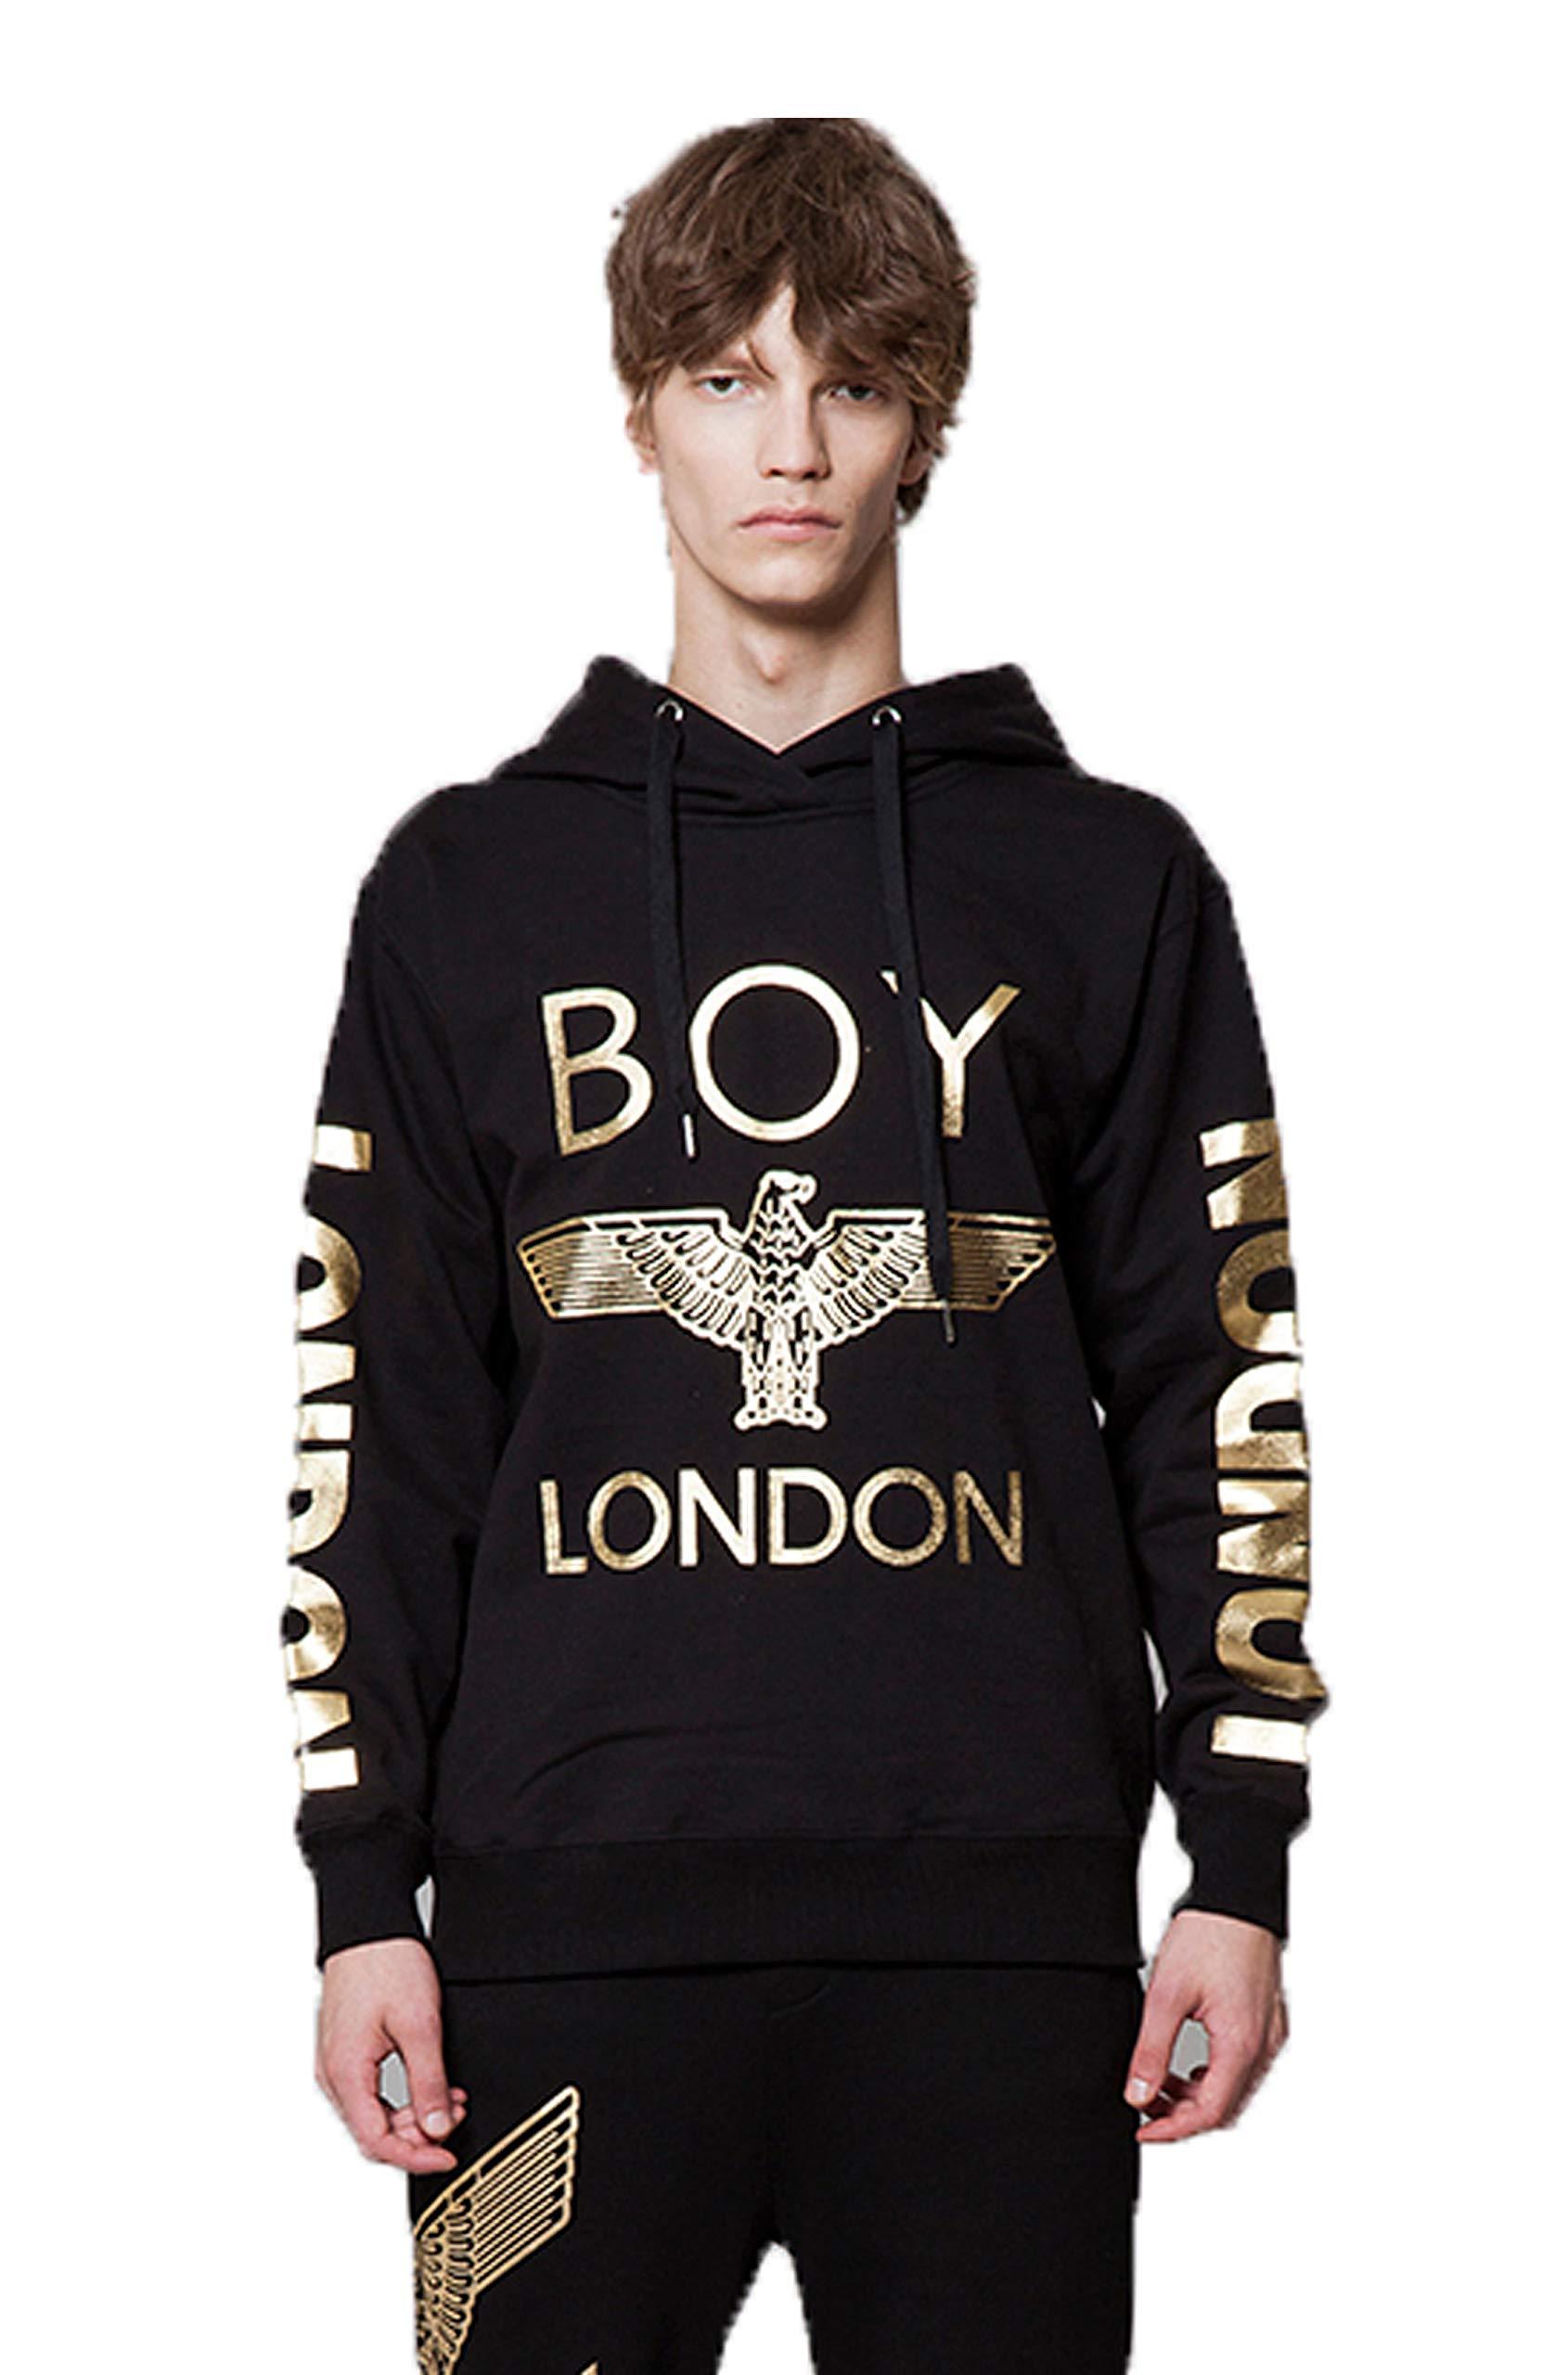 BOY LONDON '''London Printed on Sleeves Hoodie -BG3HD028 Black, X-Large